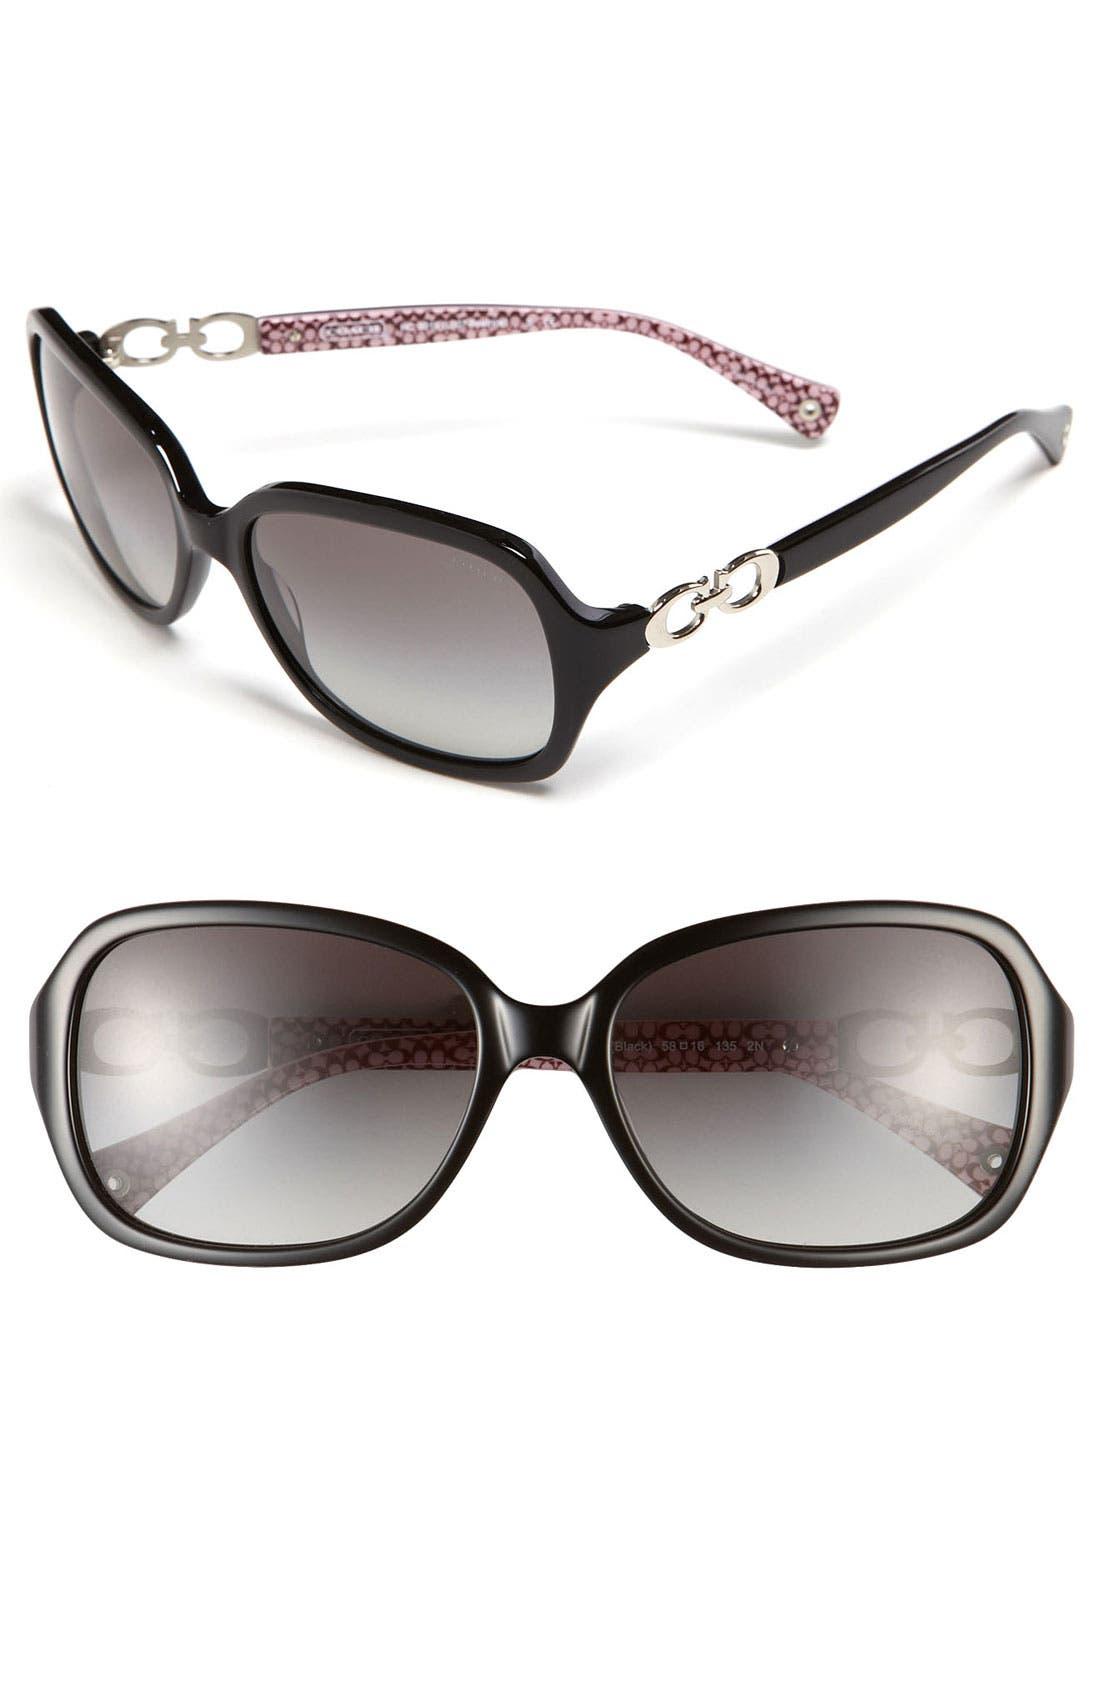 COACH, Gradient Lens Sunglasses, Main thumbnail 1, color, 001